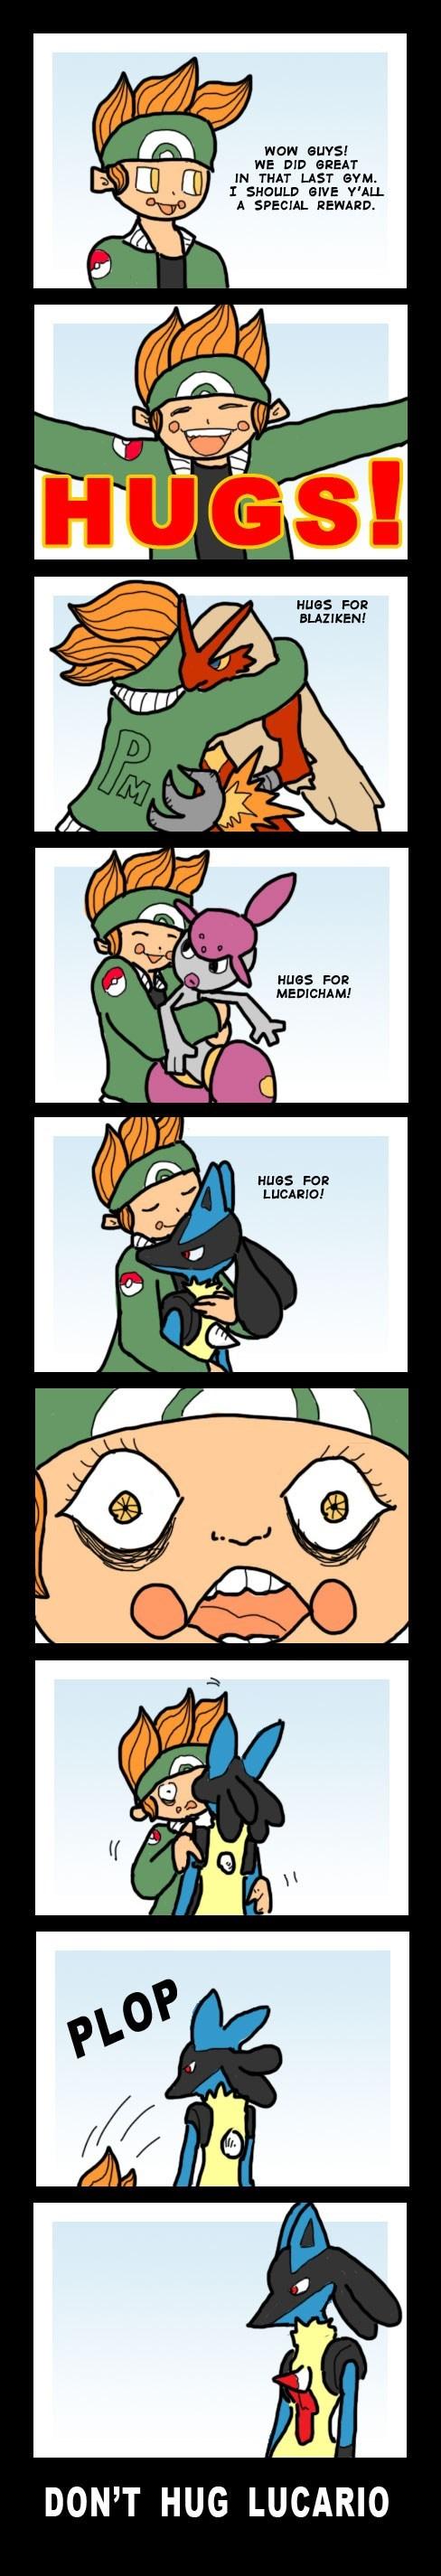 Pokémon lucario comics hugs - 7122247424